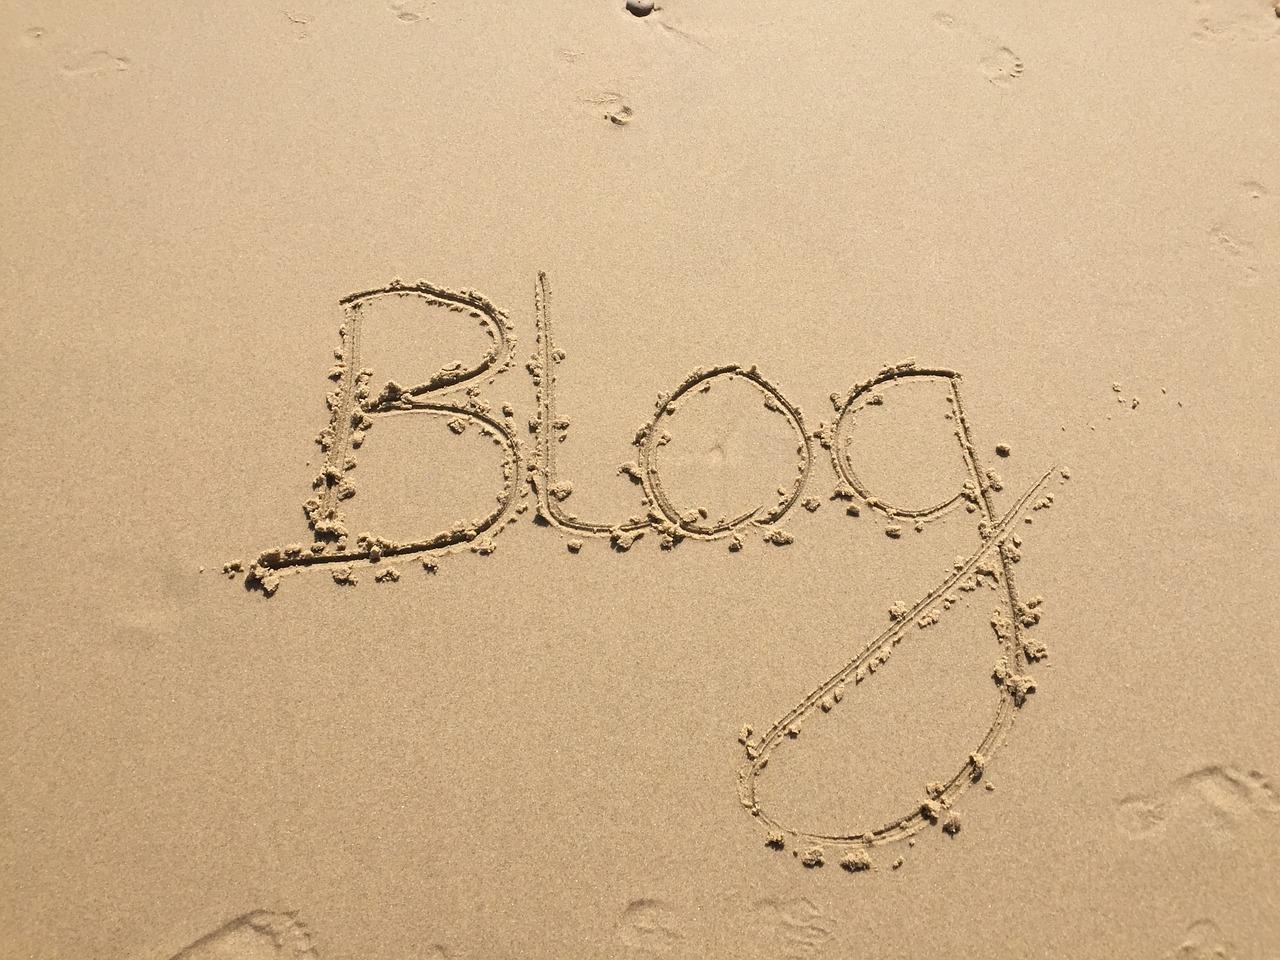 ブログを「育てていく」ことの楽しみ。久しぶりに新しいブログを始めて